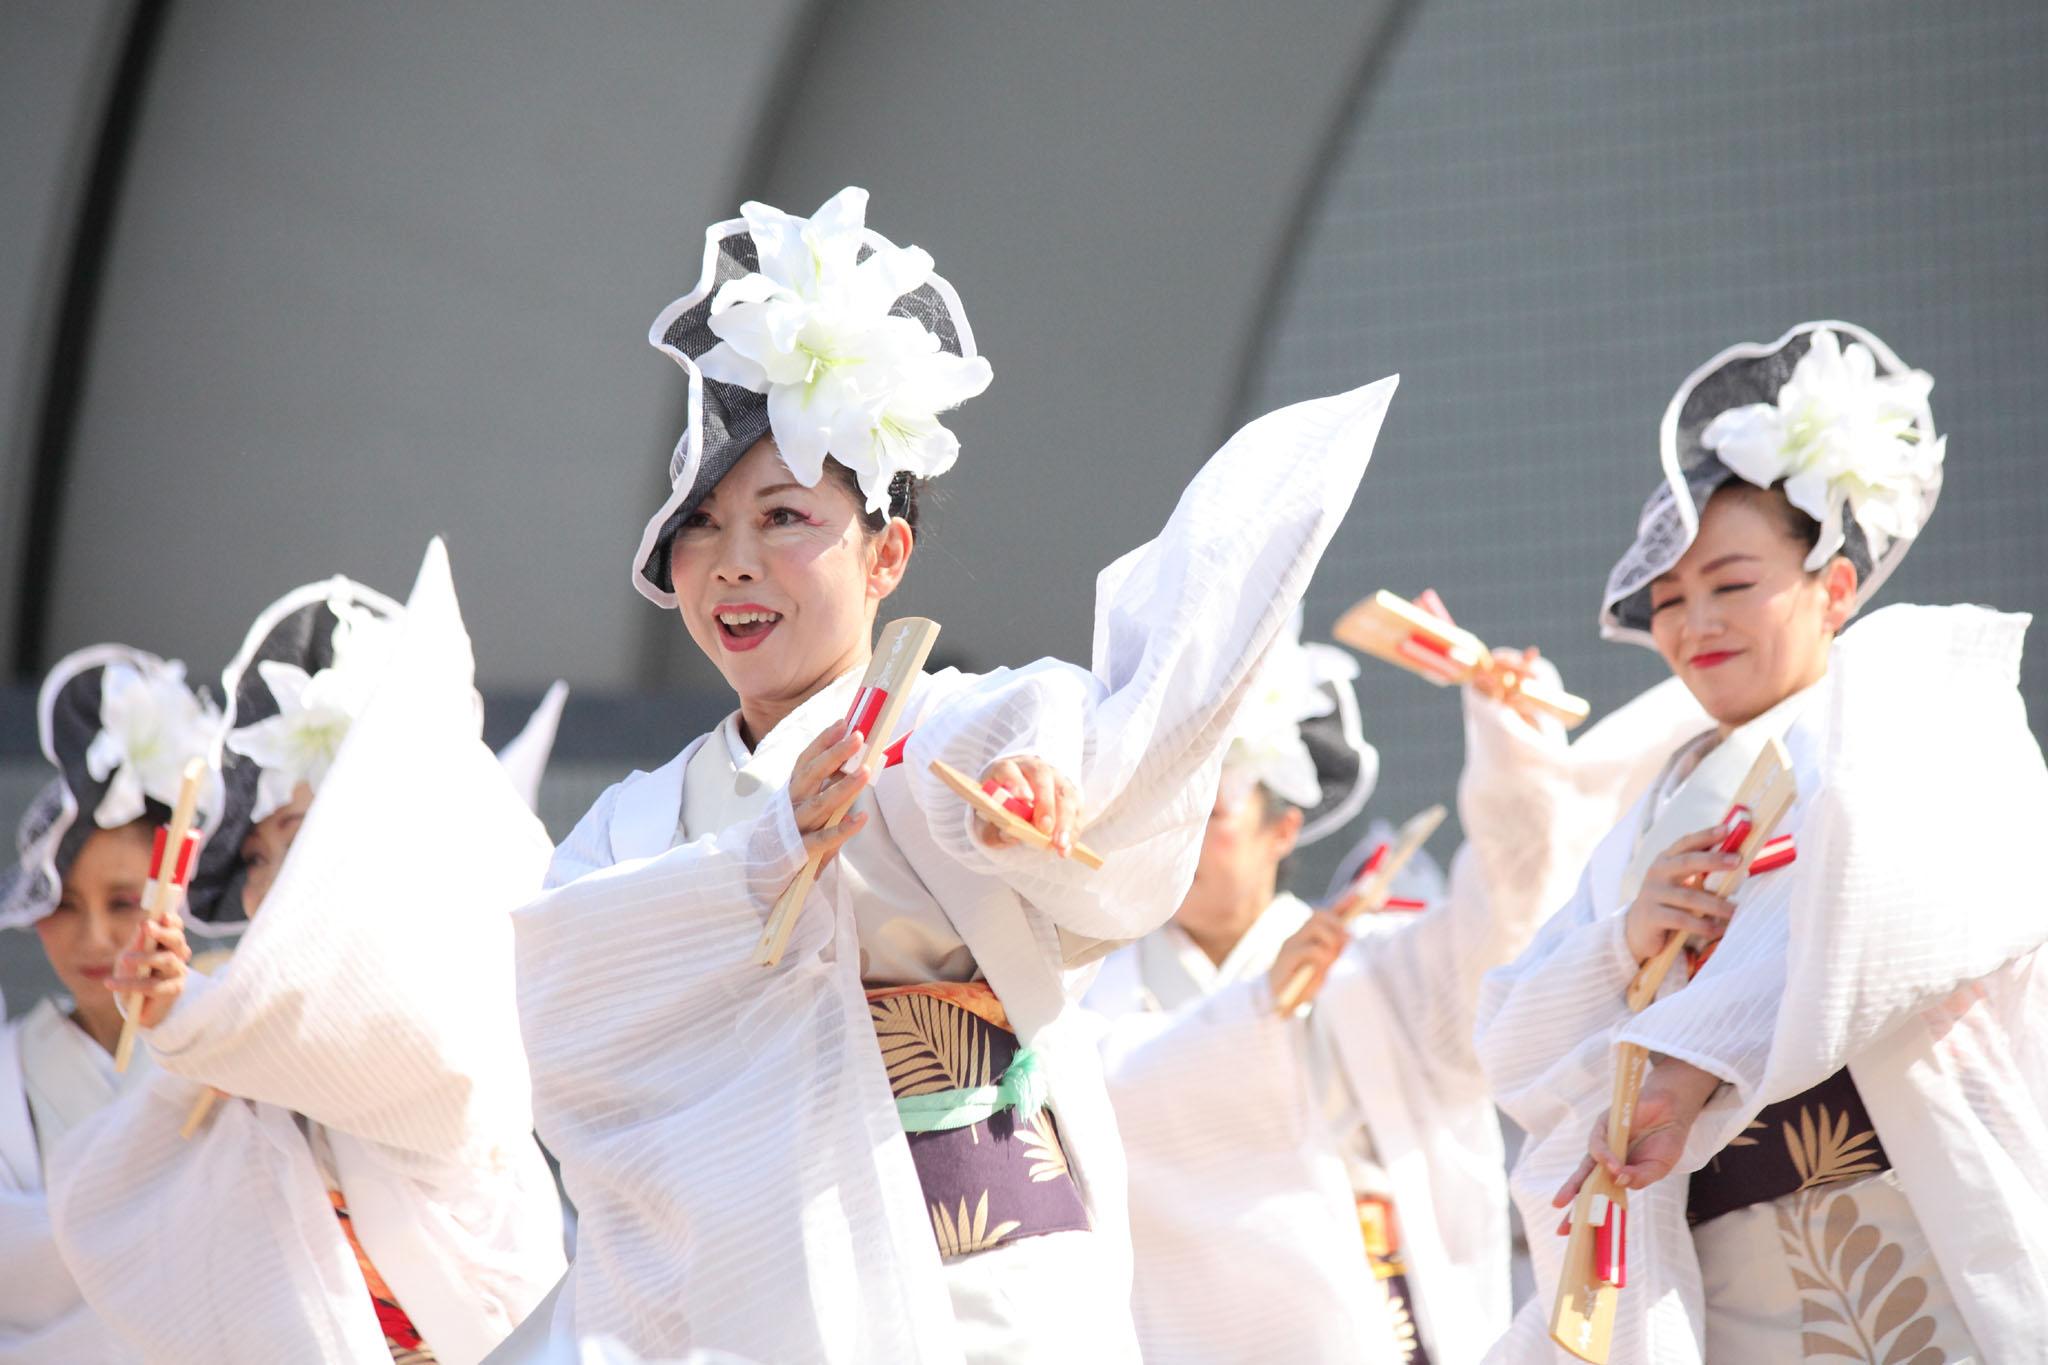 原宿表参道元氣祭スーパーよさこい2019【7】_c0299360_2118488.jpg